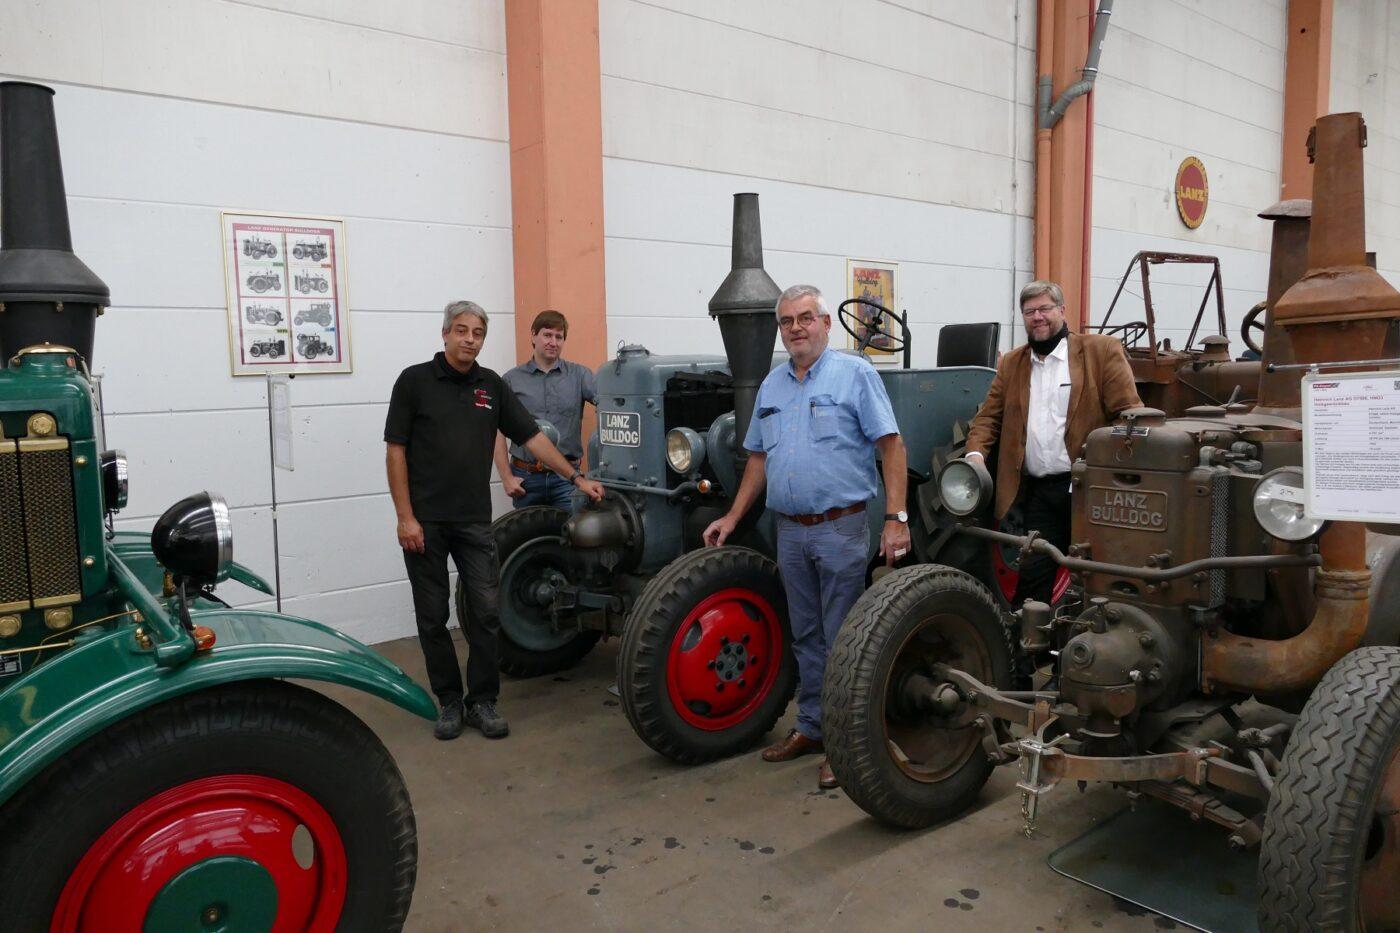 Seit dem 8. August gibt es im PS.SPEICHER in Einbeck eine Sonderausstellung zum Thema Lanz